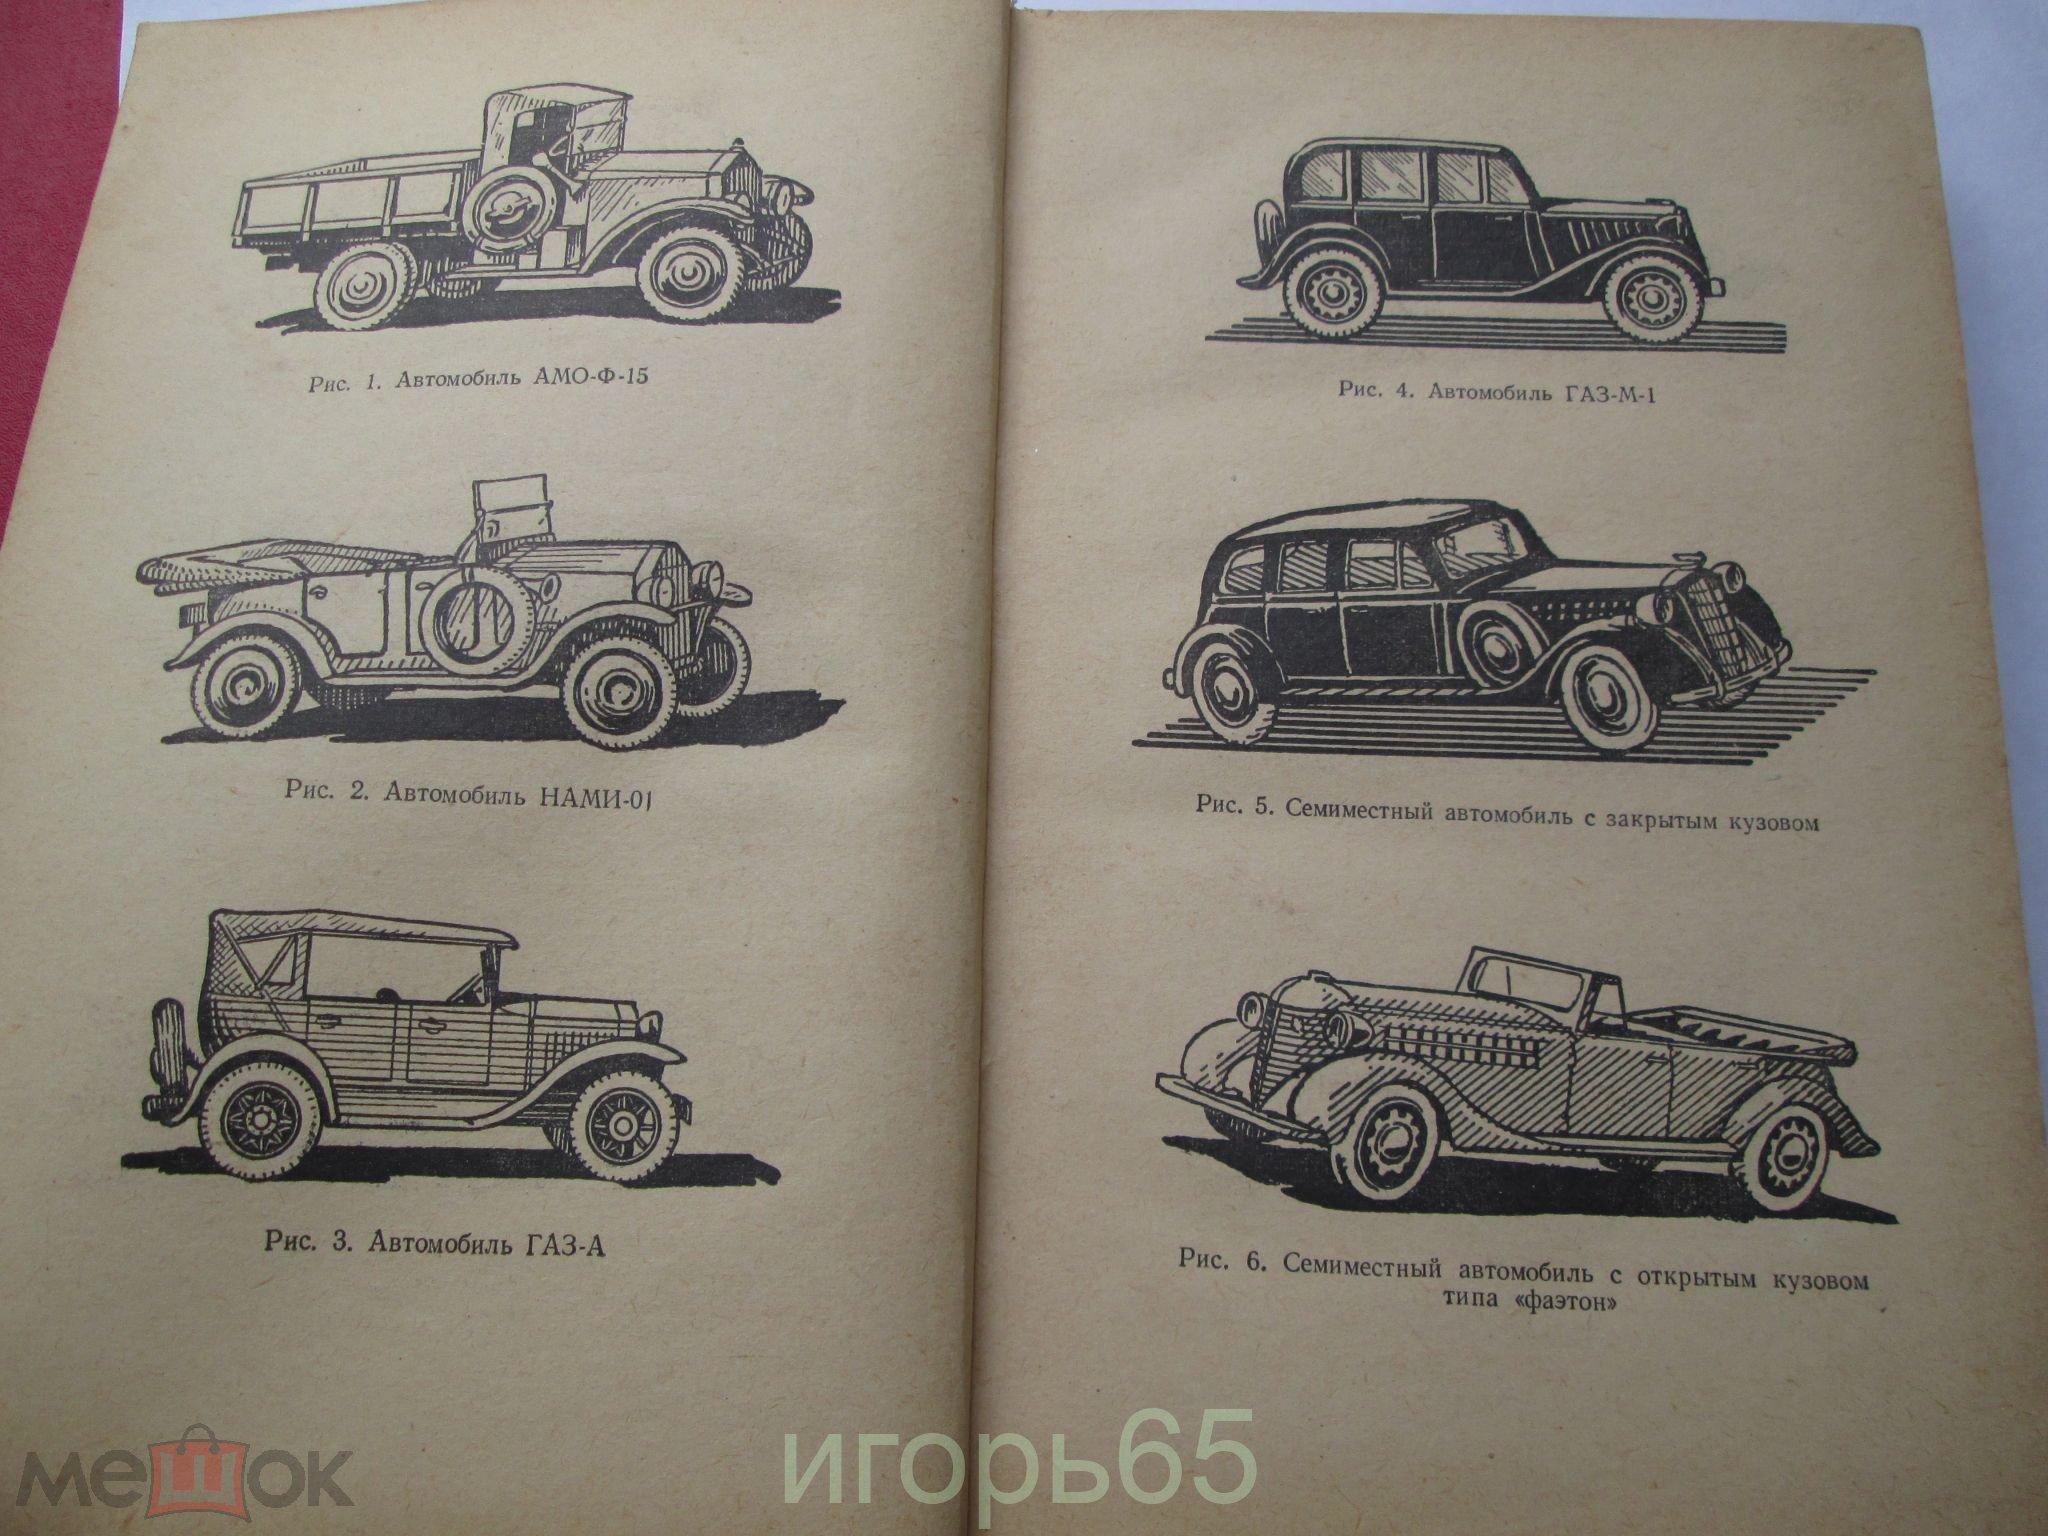 СПУТНИК АВТОЛЮБИТЕЛЯ АВТОМОБИЛИ 1963